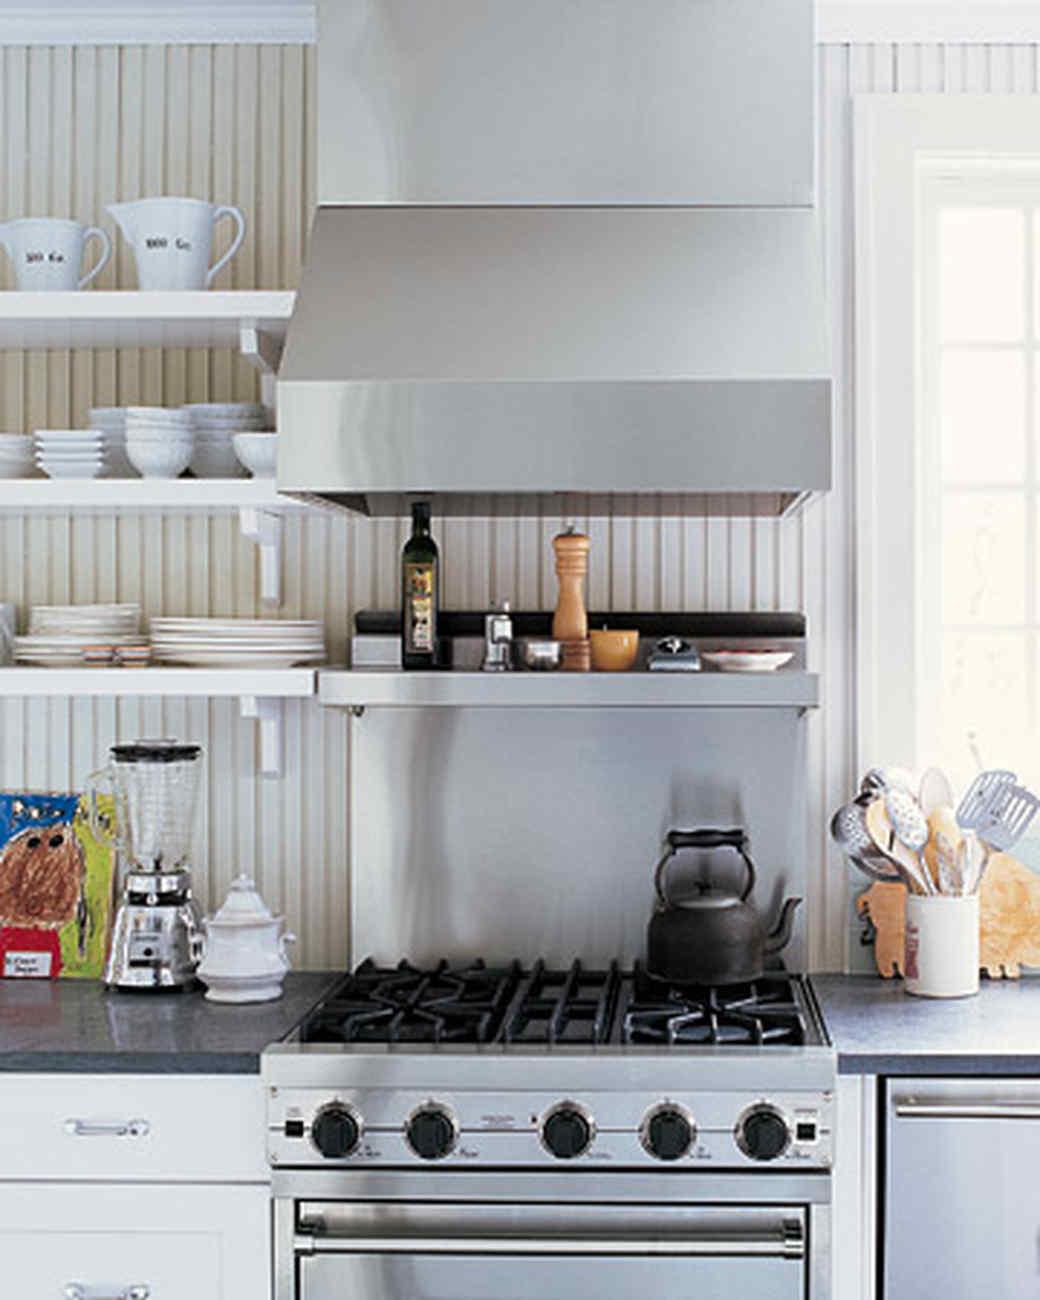 ml0903_0903_kitchen.jpg